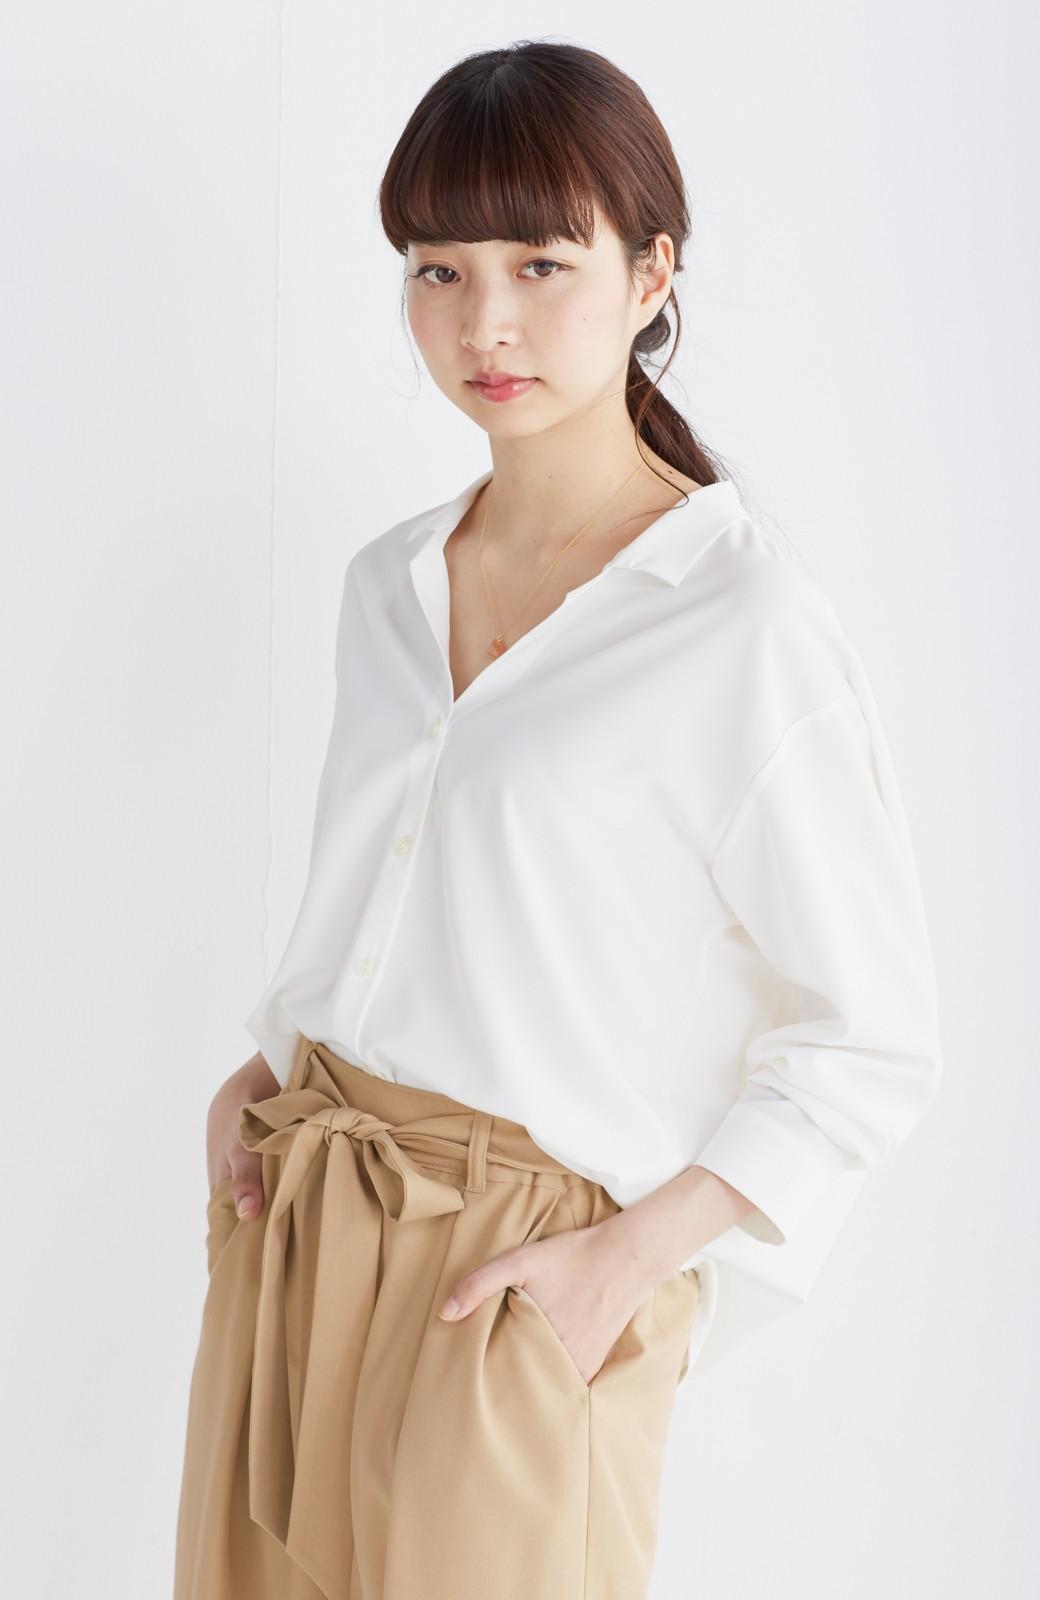 エムトロワ 女らしくてかっこいい スキッパー&抜き衿のとろみシャツ <ホワイト>の商品写真1